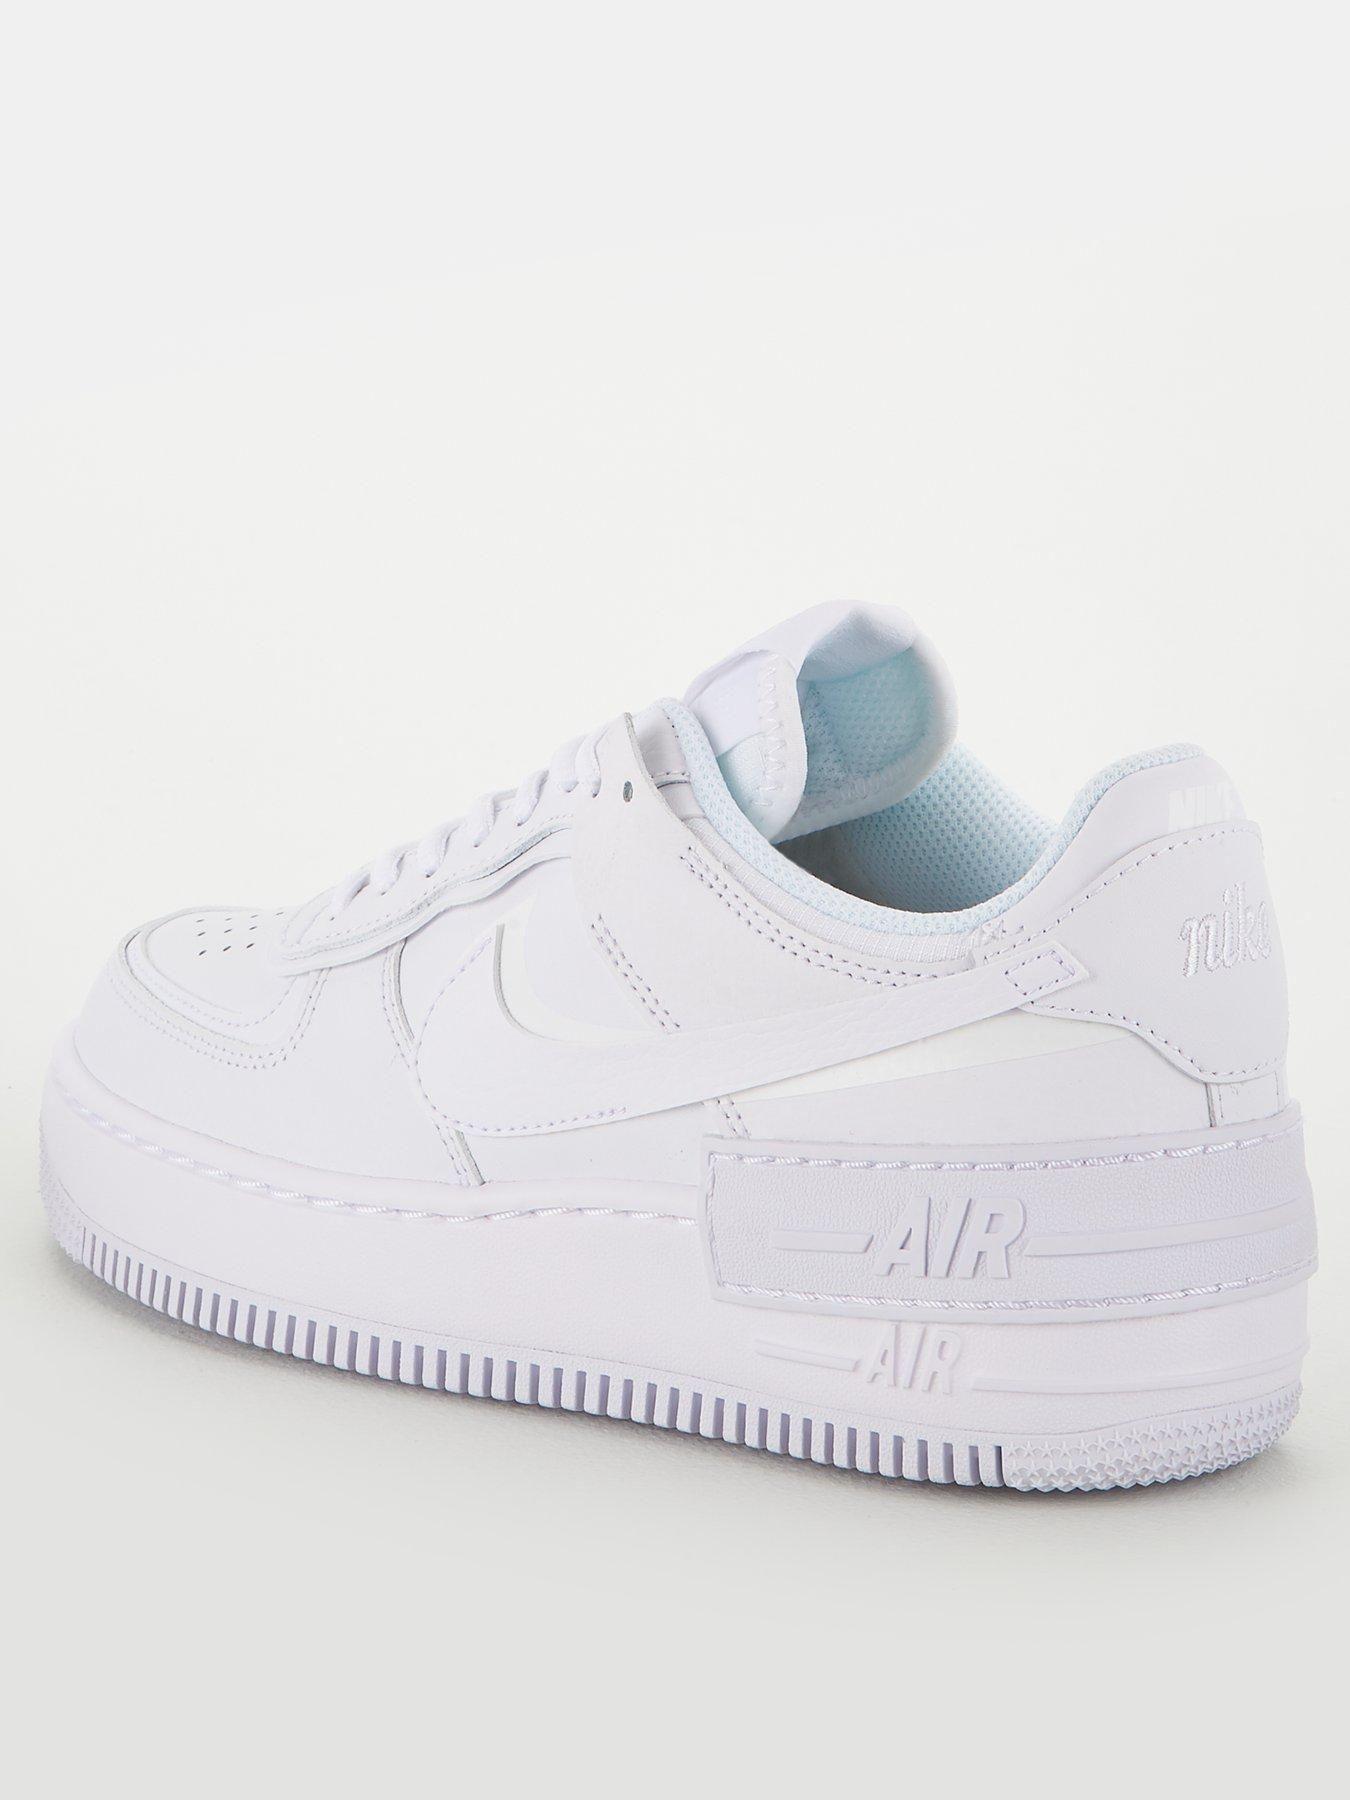 Nike AF1 Shadow White (2020) Nike af1, Af1, Nike